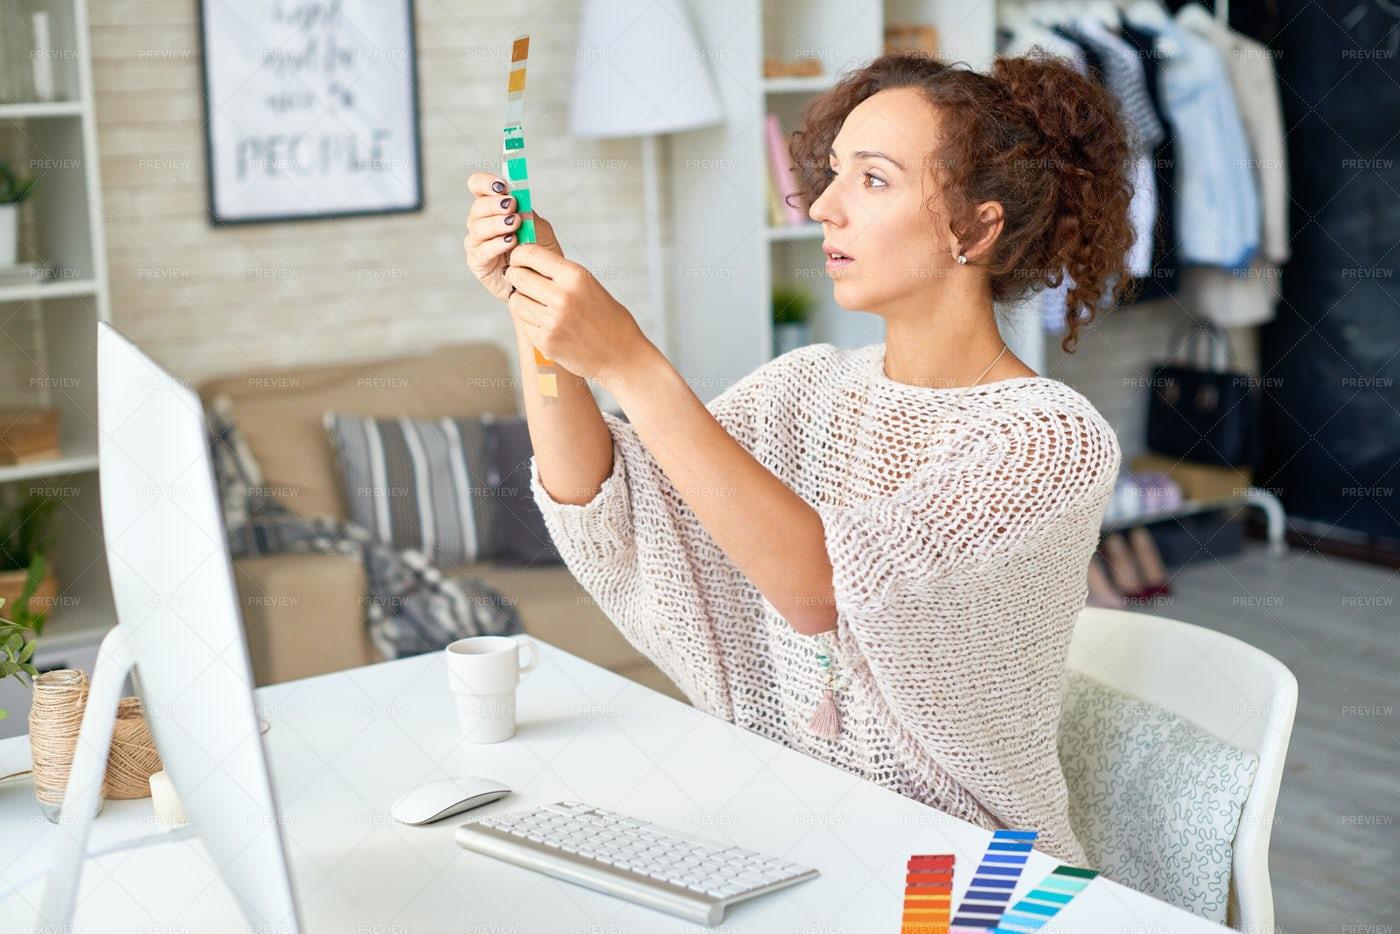 Young Interior Designer Choosing...: Stock Photos